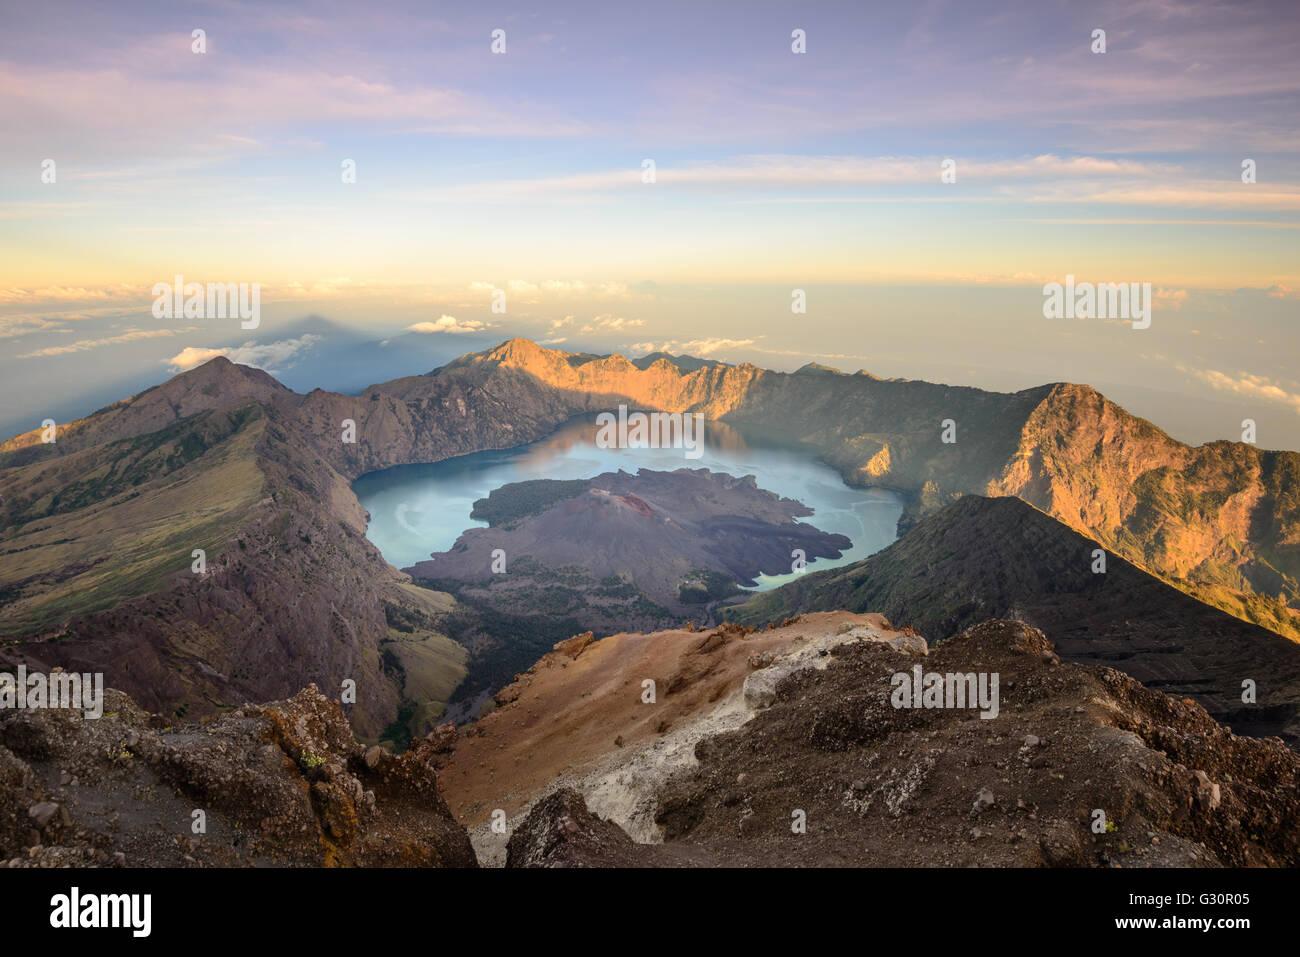 Der Mt. Rinjani-Krater und ein Schatten vom Gipfel bei Sonnenaufgang Stockbild